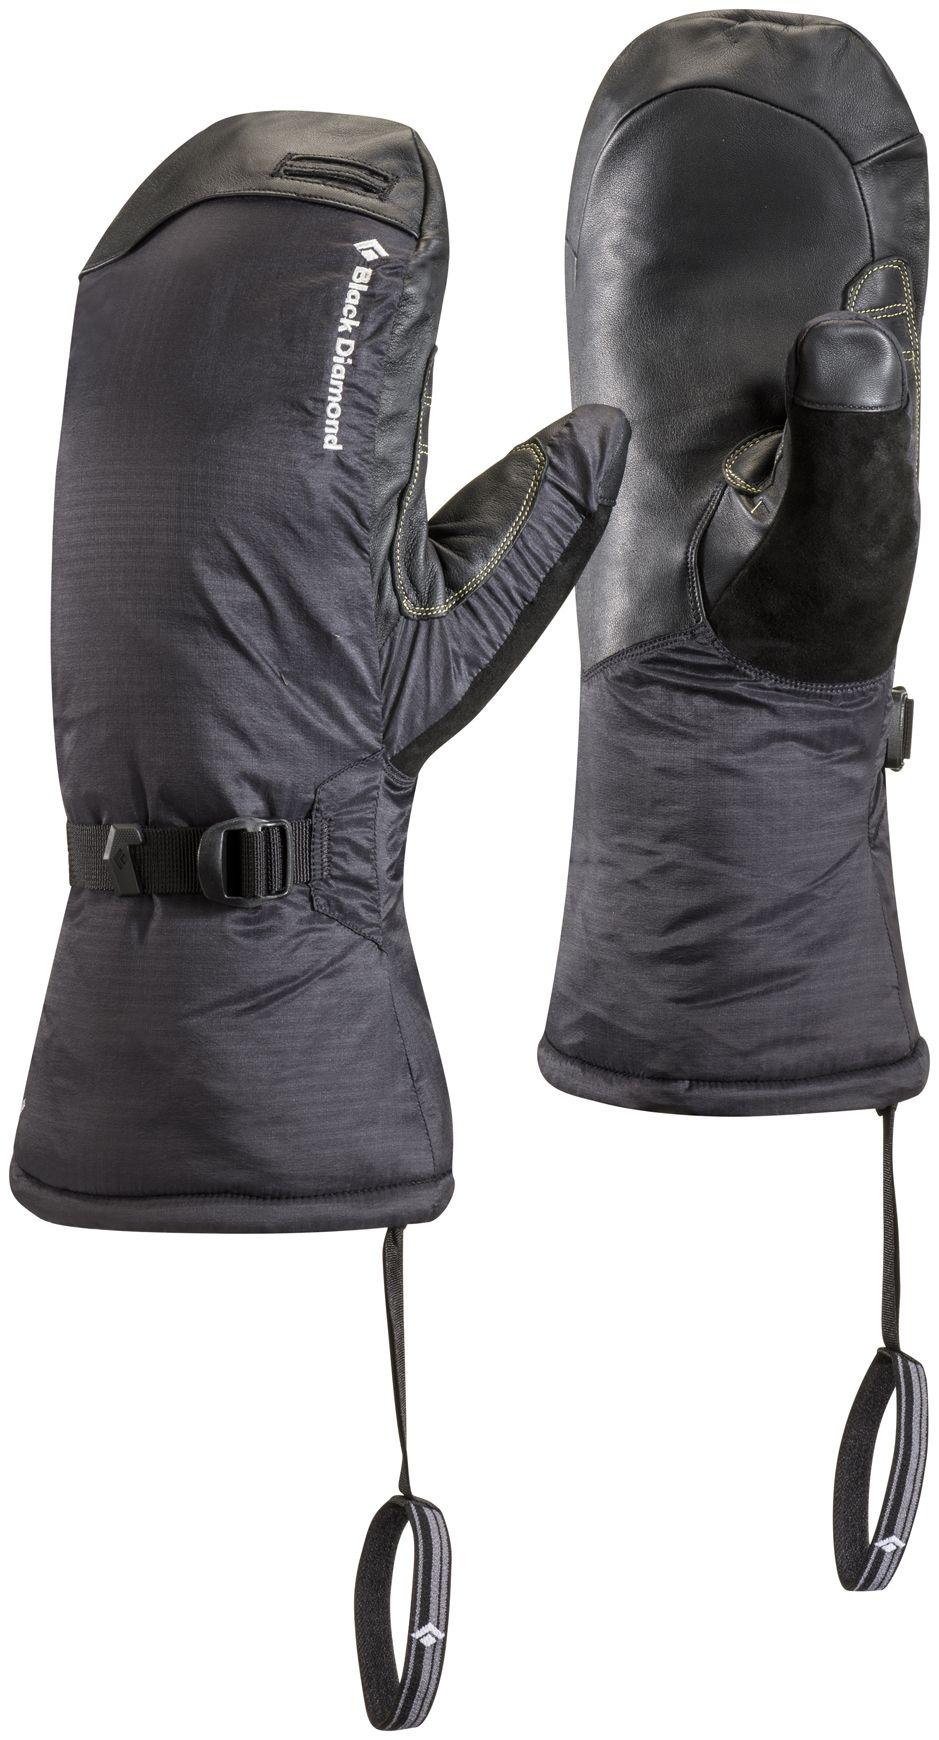 black diamond guide finger mitten